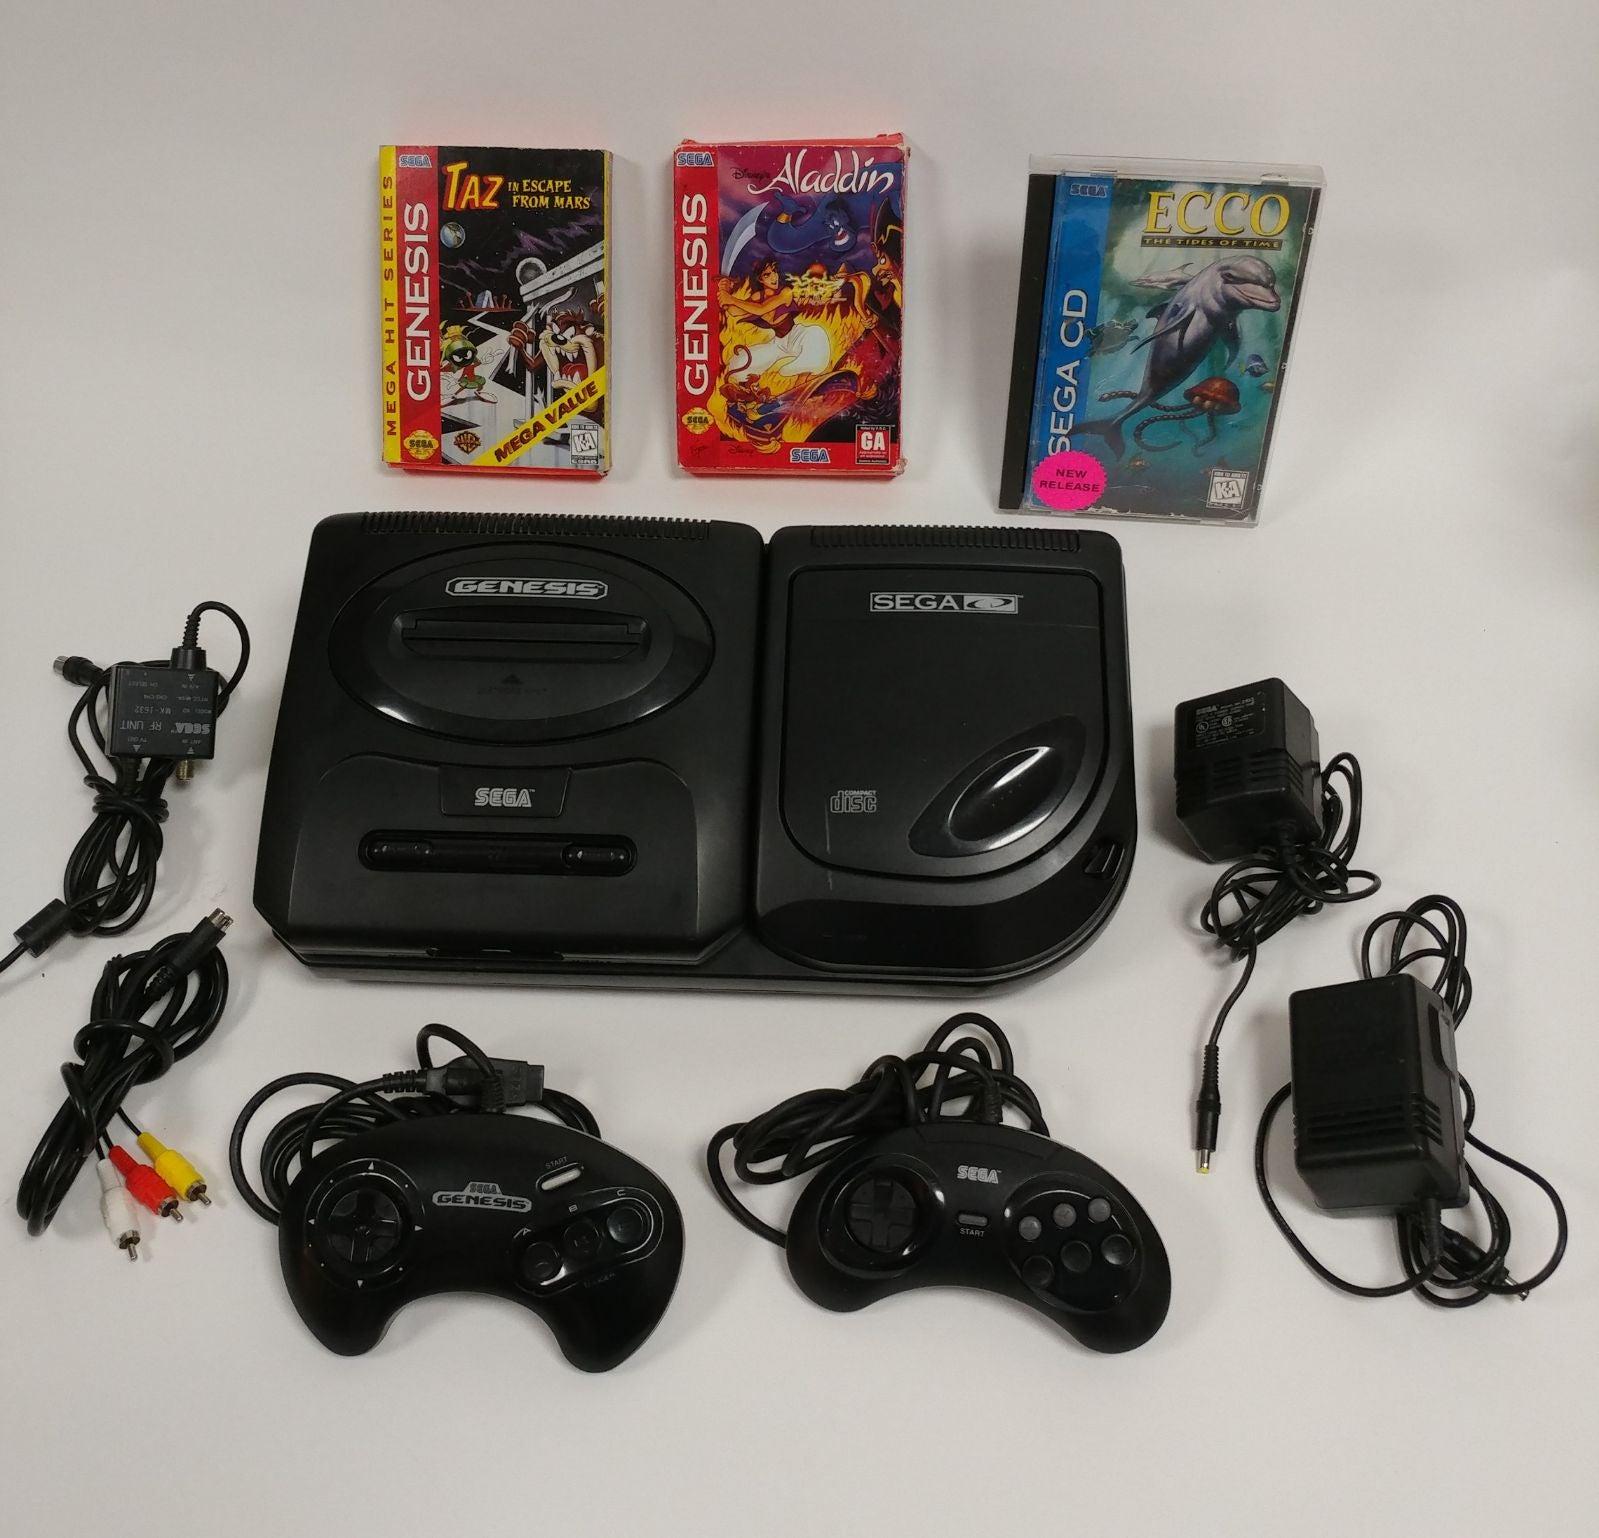 Sega CD console model 2 Genesis games